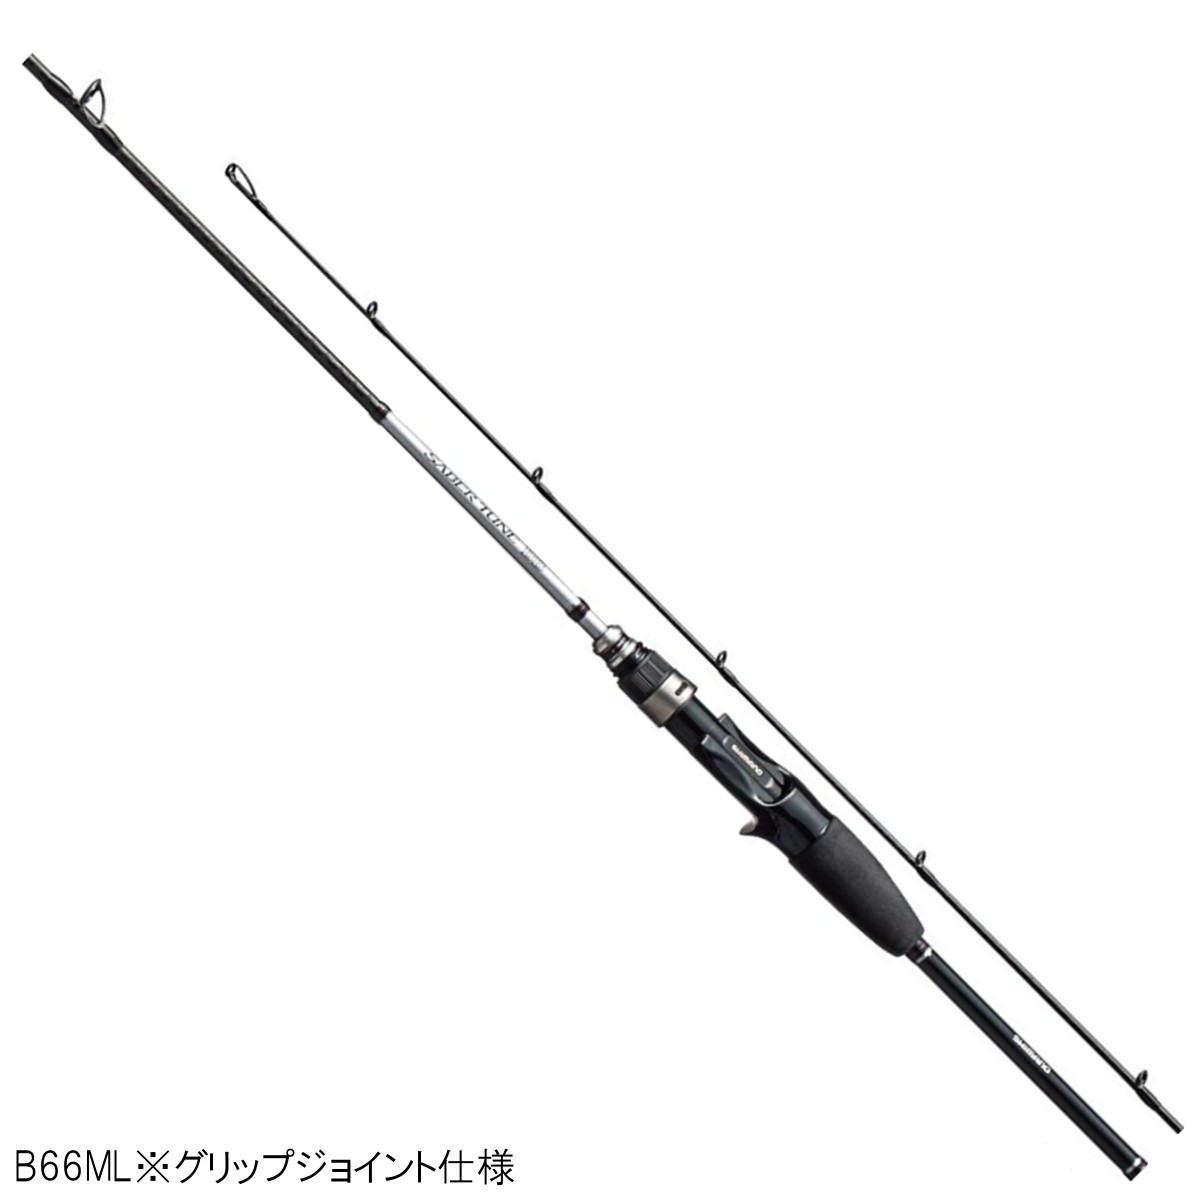 シマノ サーベルチューン BB B66ML【大型商品】(東日本店)